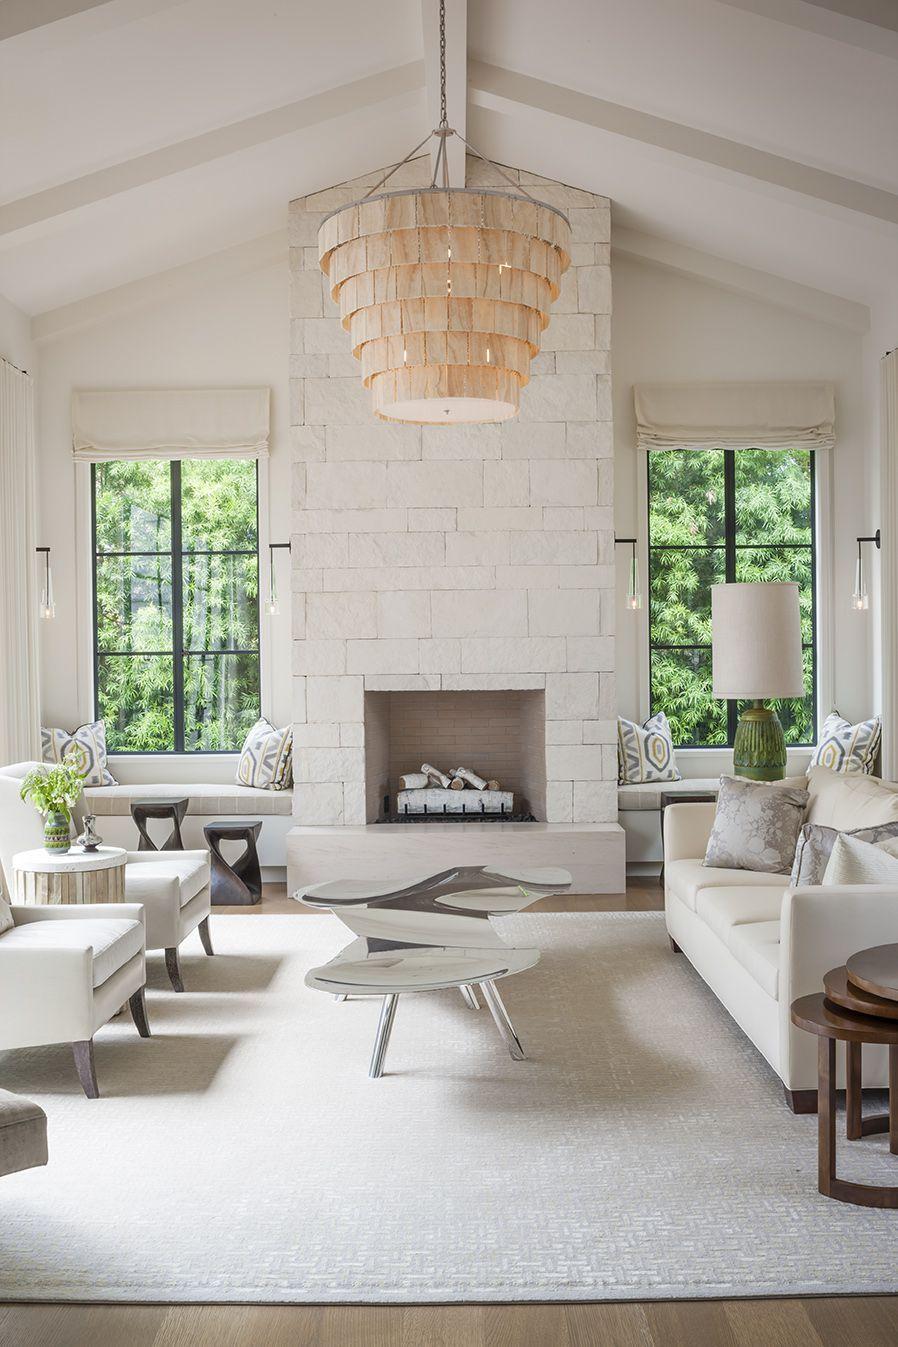 12 Best Fireplace Between Windows Ideas Fireplace Between Windows Home Living Room With Fireplace